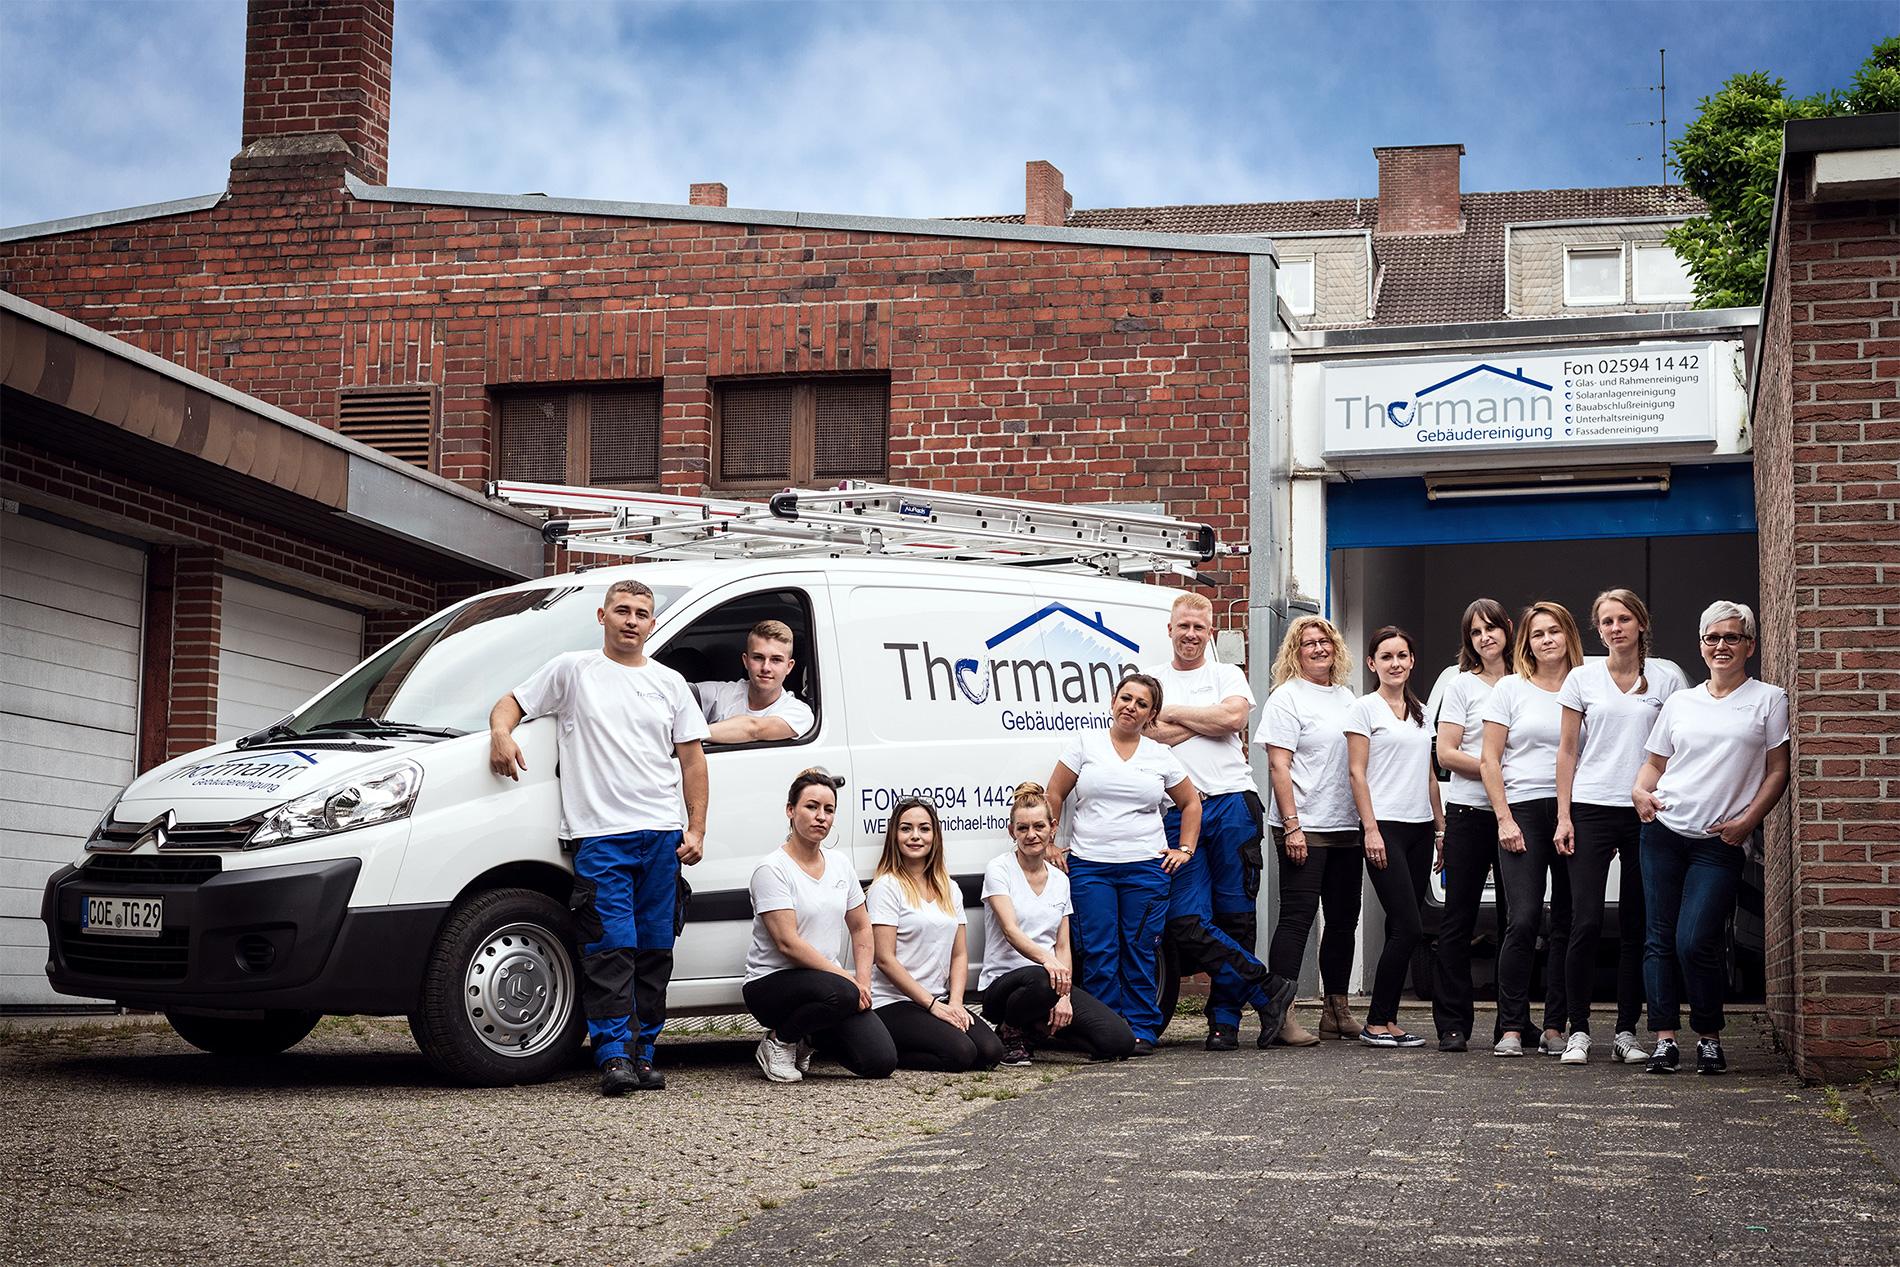 Gebäudereinigung Thormann Team Dülmen